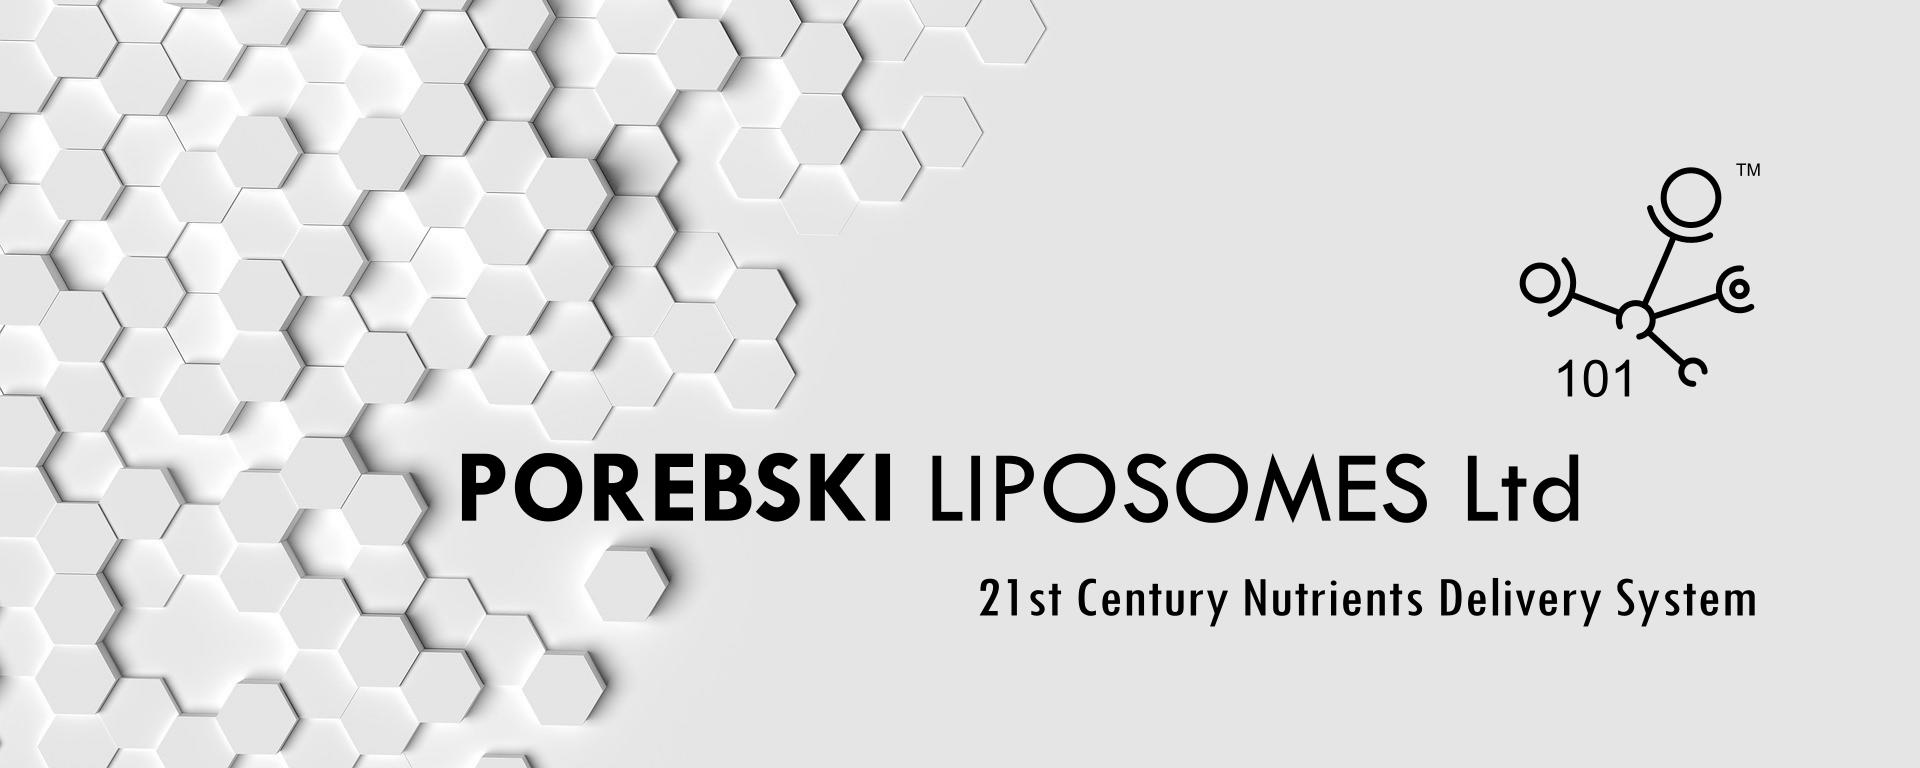 porebski-liposomes-cover-logo.png